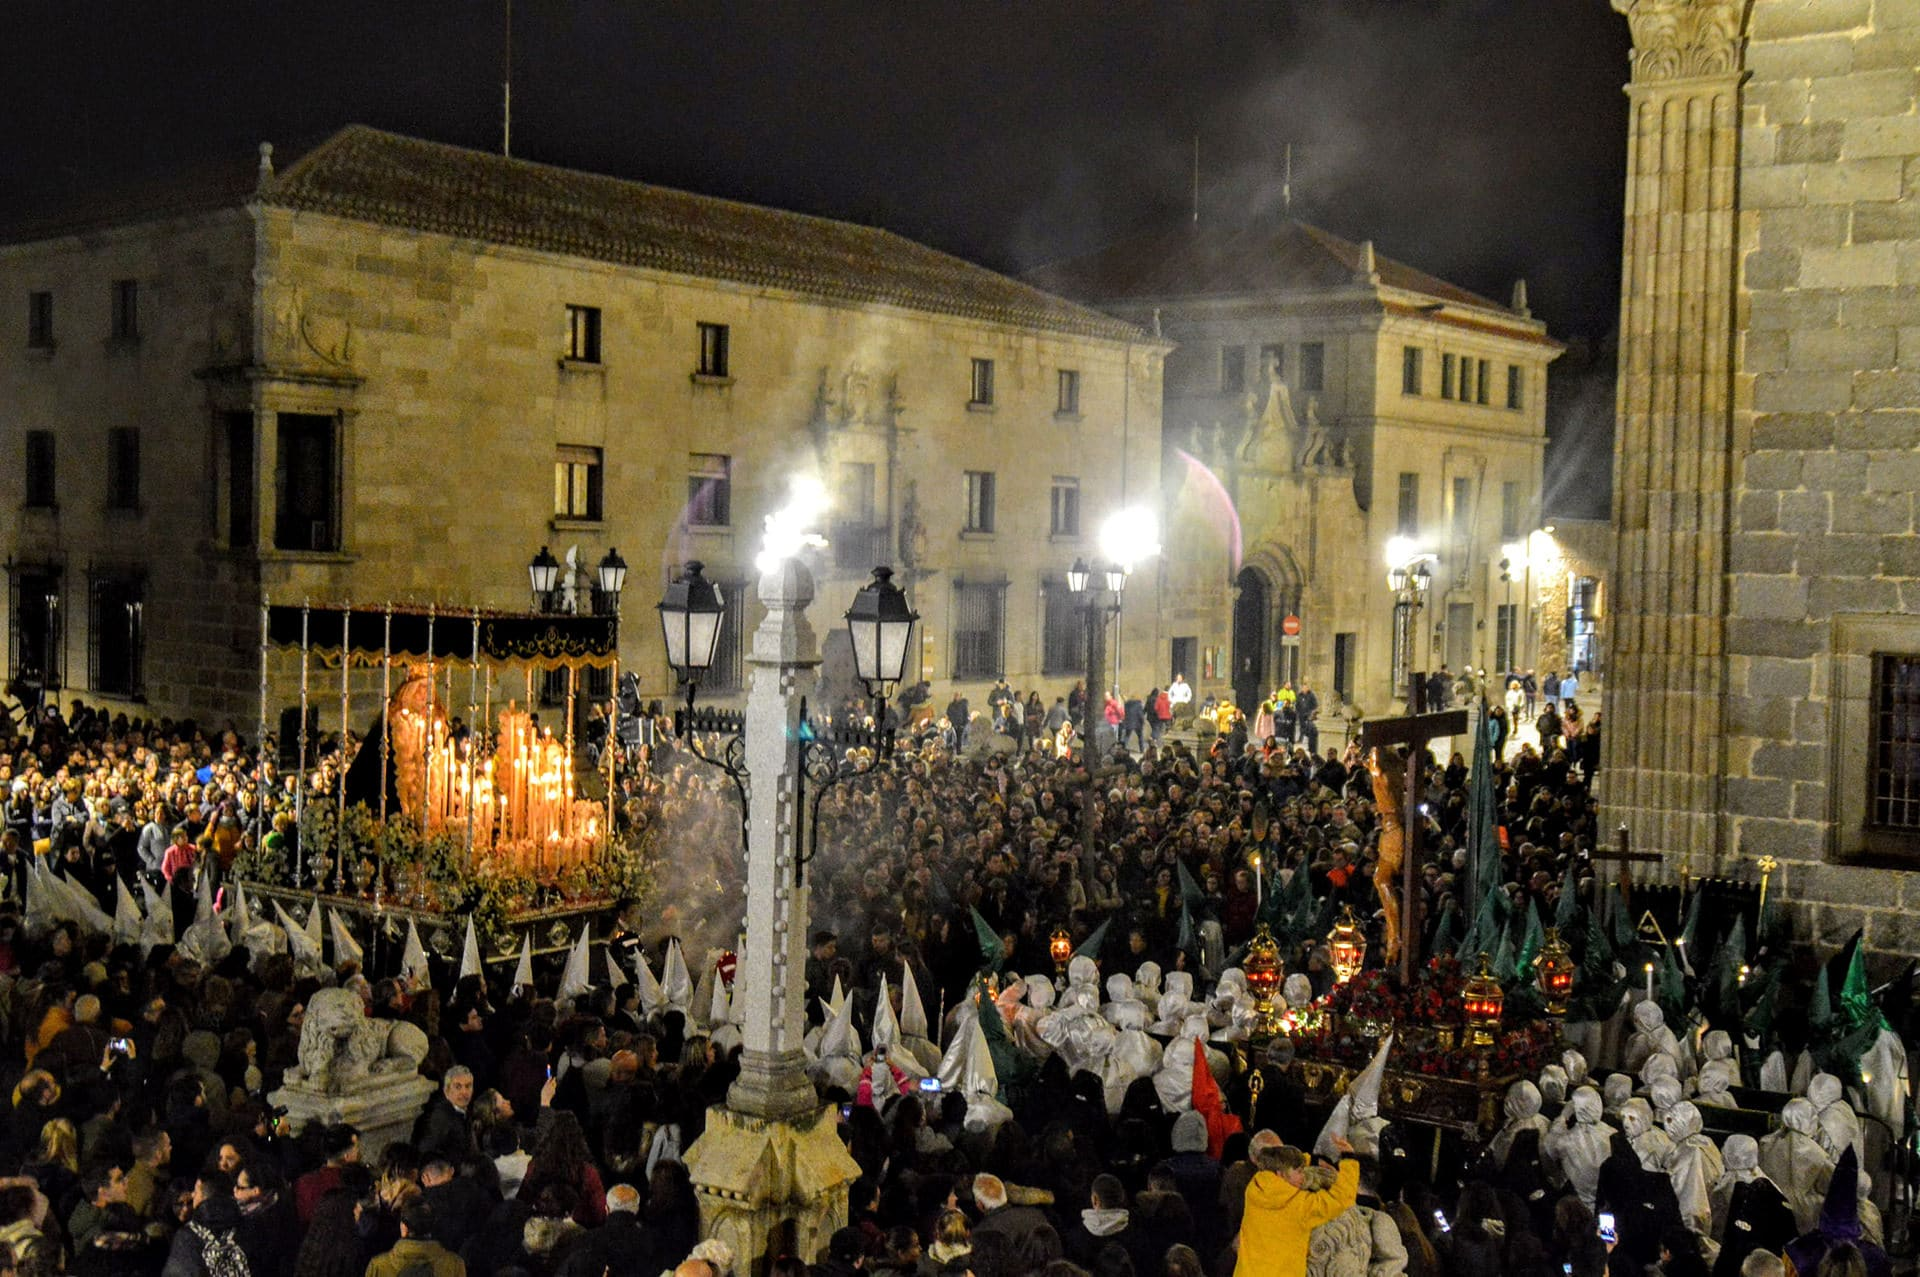 El Encuentro, Ávila2